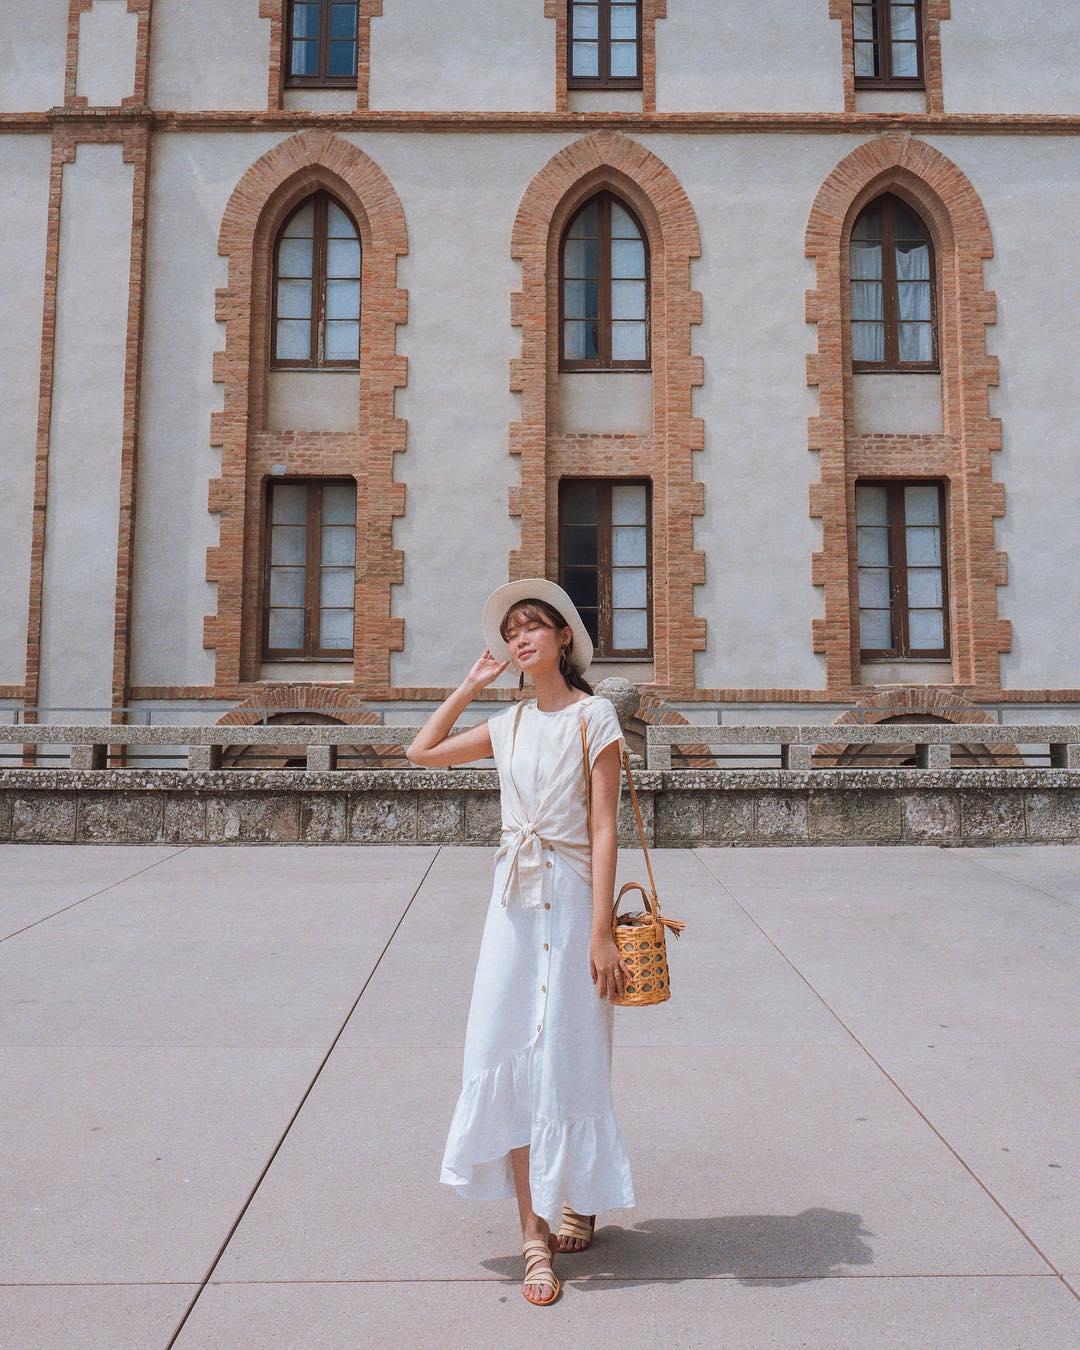 tricia gosingtian mặc chân váy đuôi cá với áo thun trơn